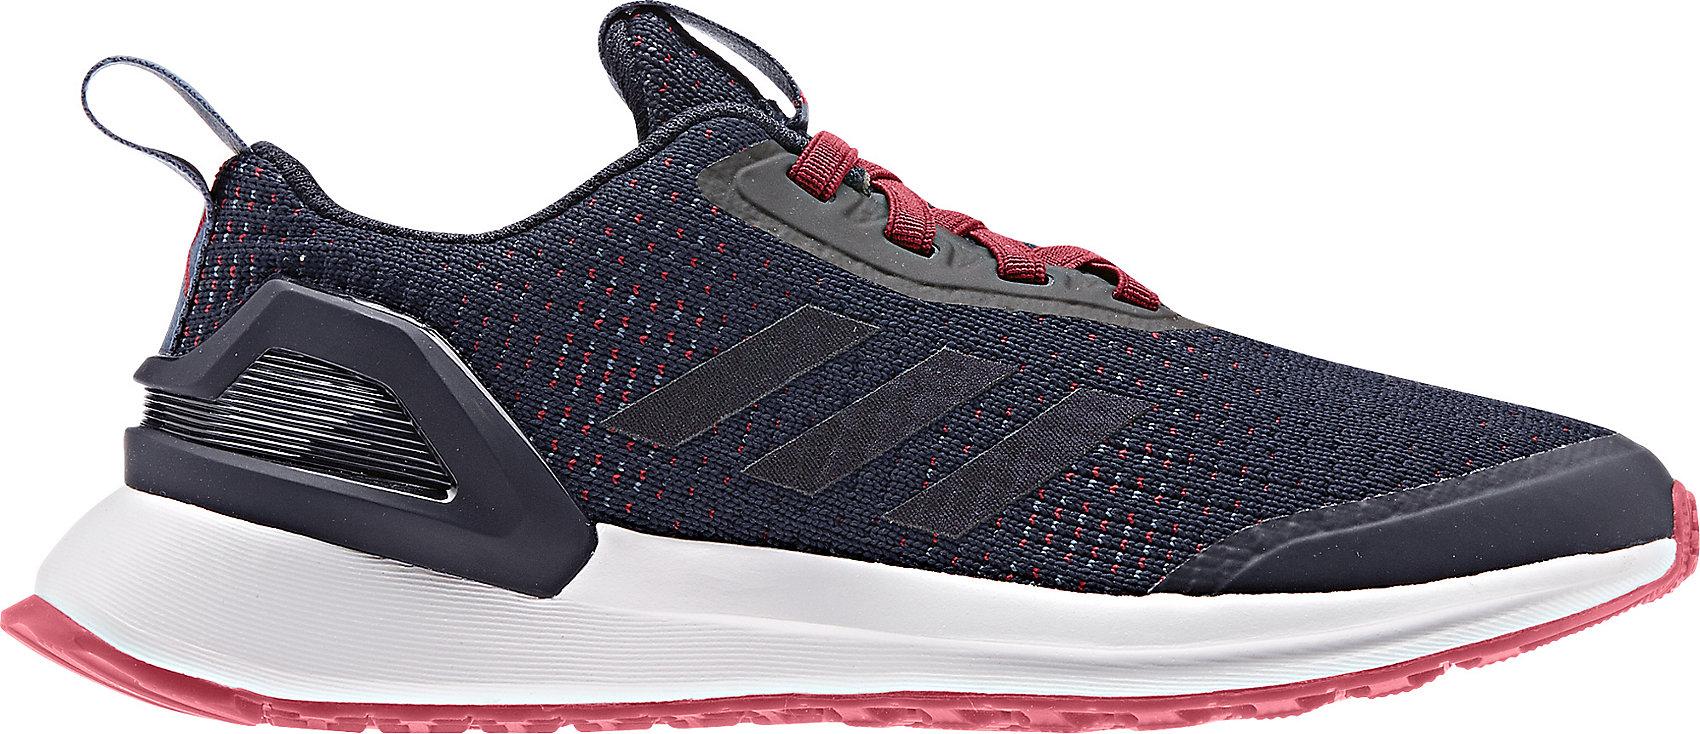 Details zu Neu adidas Performance Sportschuhe RAPIDARUN X KNIT EL C für Jungen 11170526